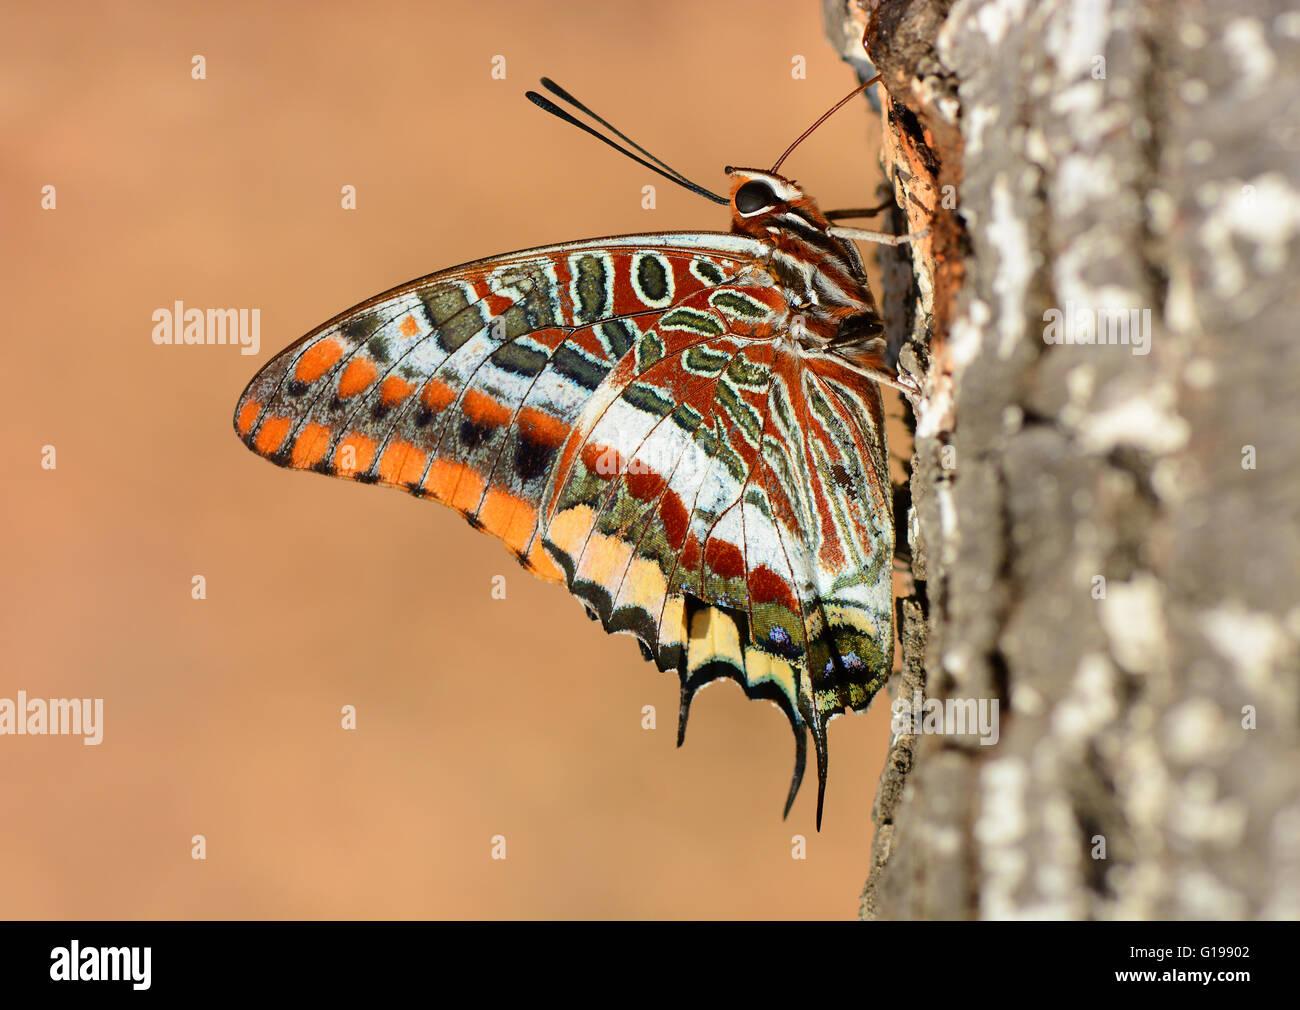 Bajá de dos colas Mariposa bebiendo Imagen De Stock